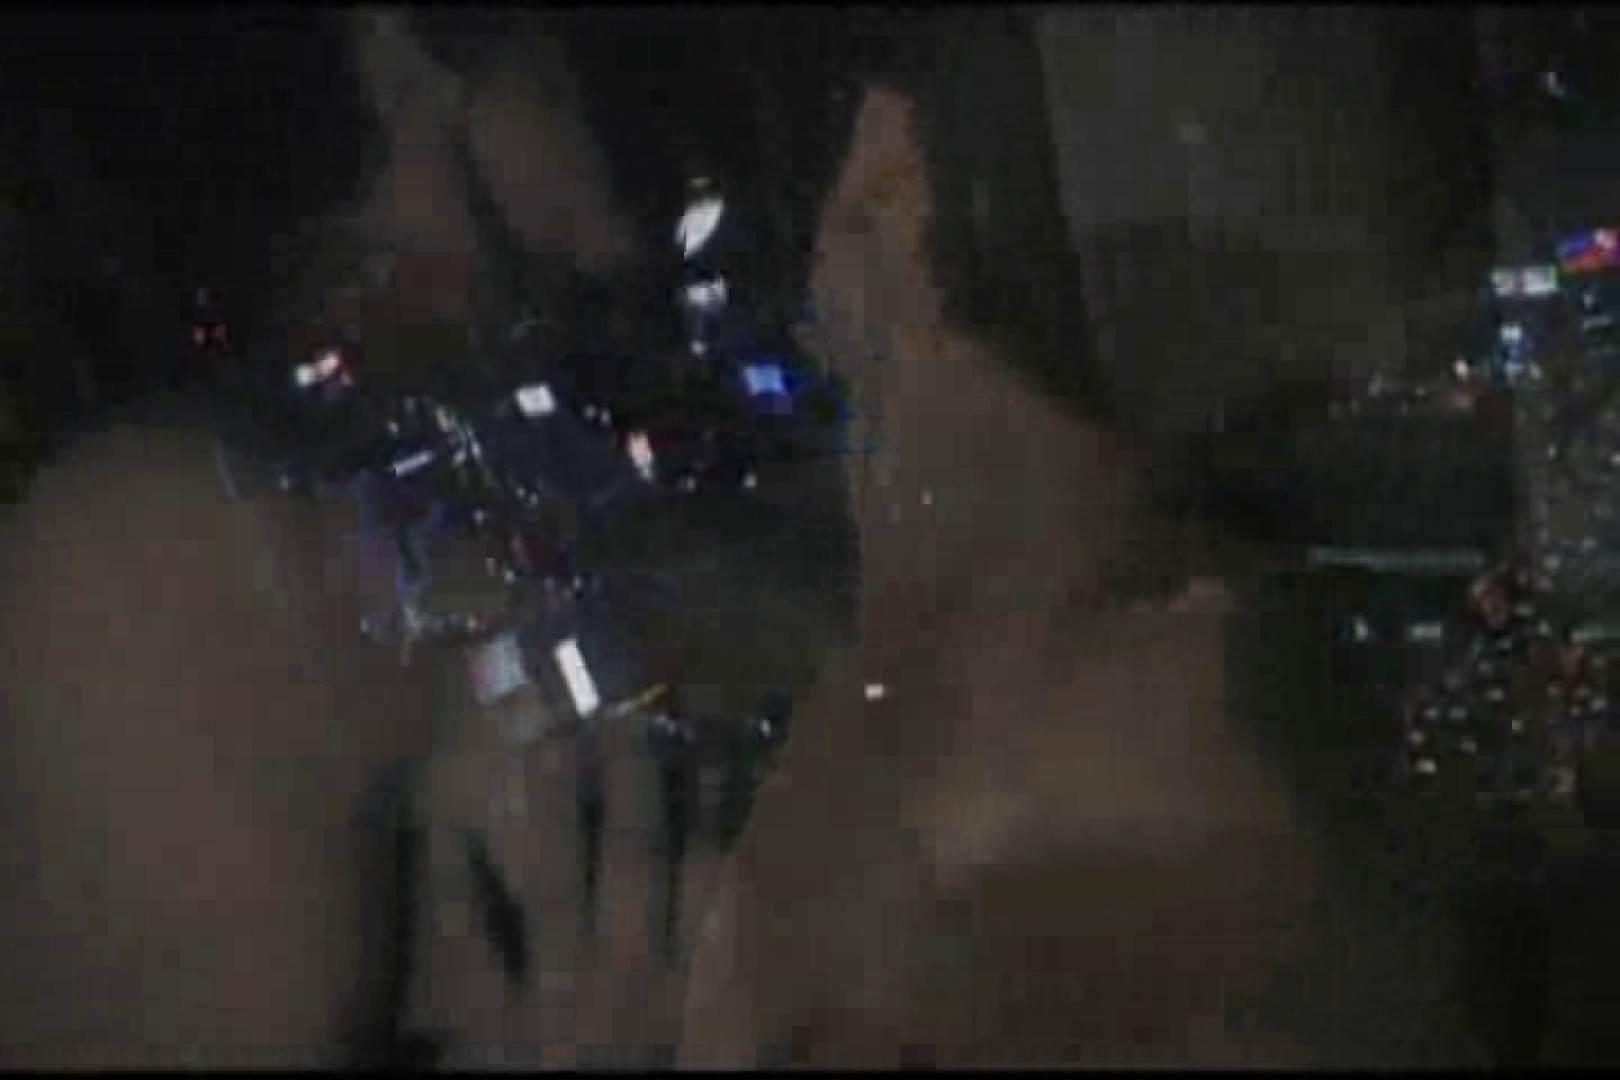 ホテルで密会!!夜景をバックに濃密ファック!! バック技 ゲイ無修正ビデオ画像 97枚 36